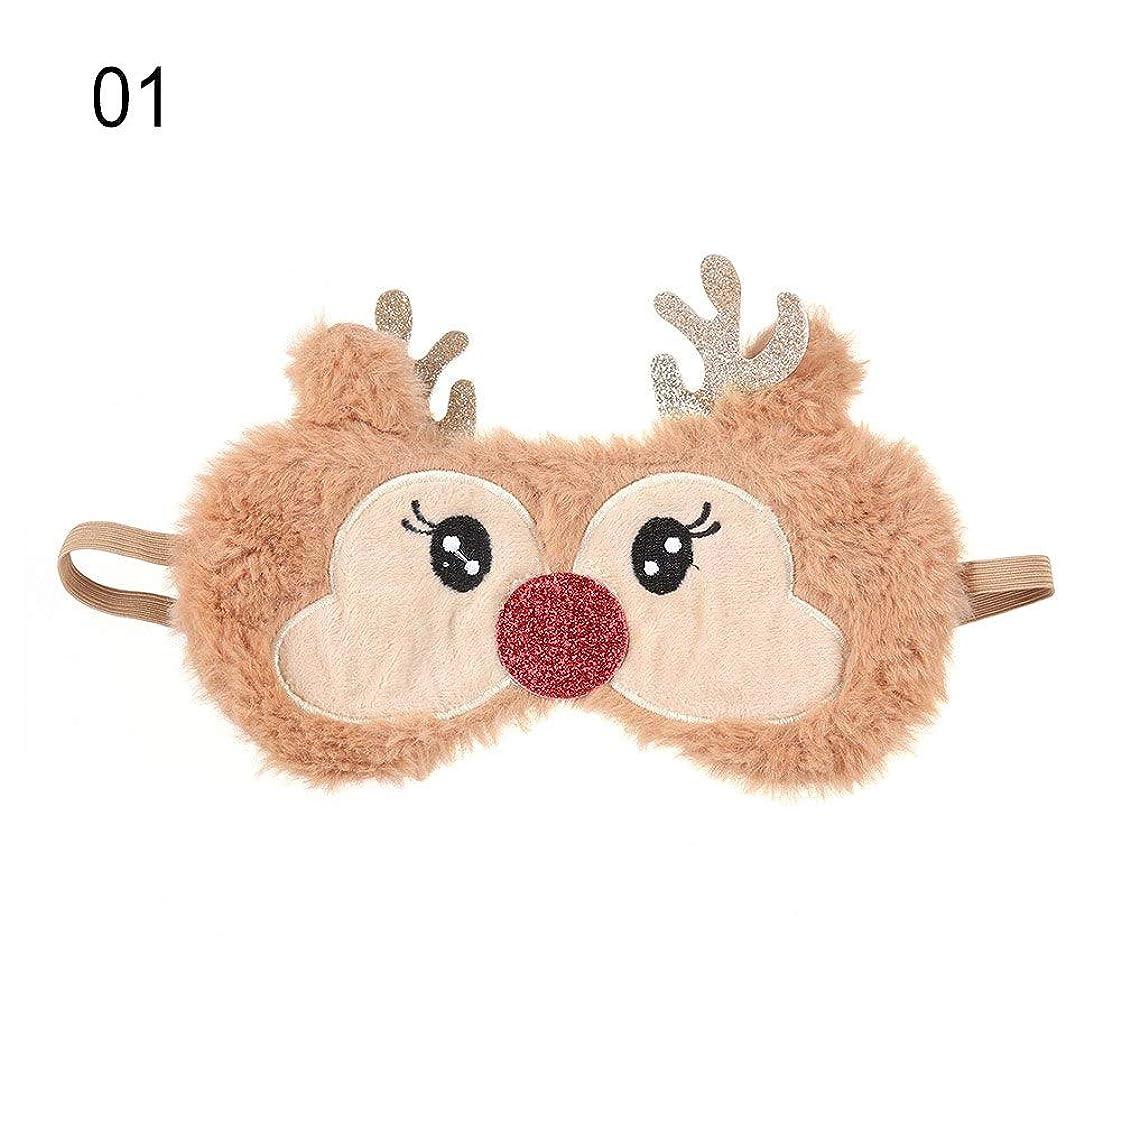 ゲート不信まばたきNOTE かわいいクリスマスプレゼント鹿アイカバーぬいぐるみ布ナチュラルスリーピングソフトアイマスクアイパッチ冬漫画昼寝アイシェード